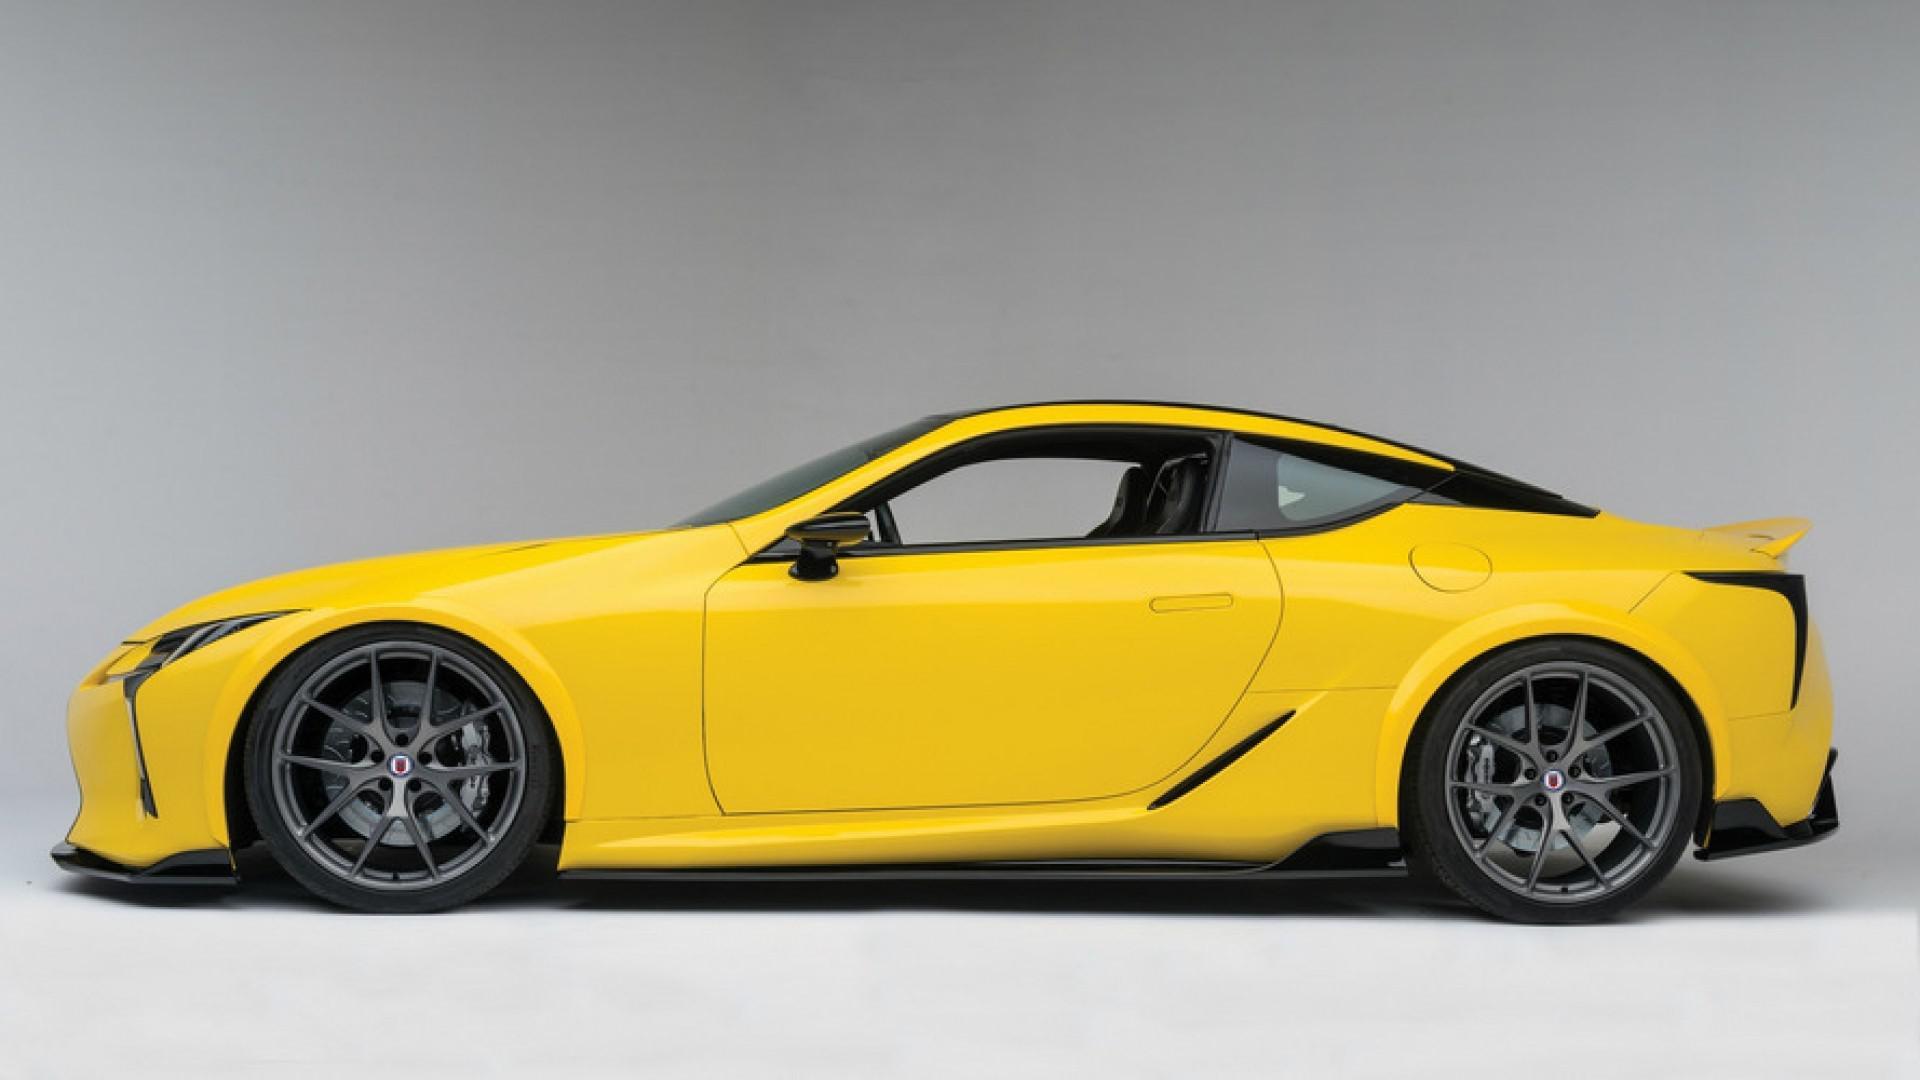 Moteur V8 de 630 ch pour la Lexus LC F ?!